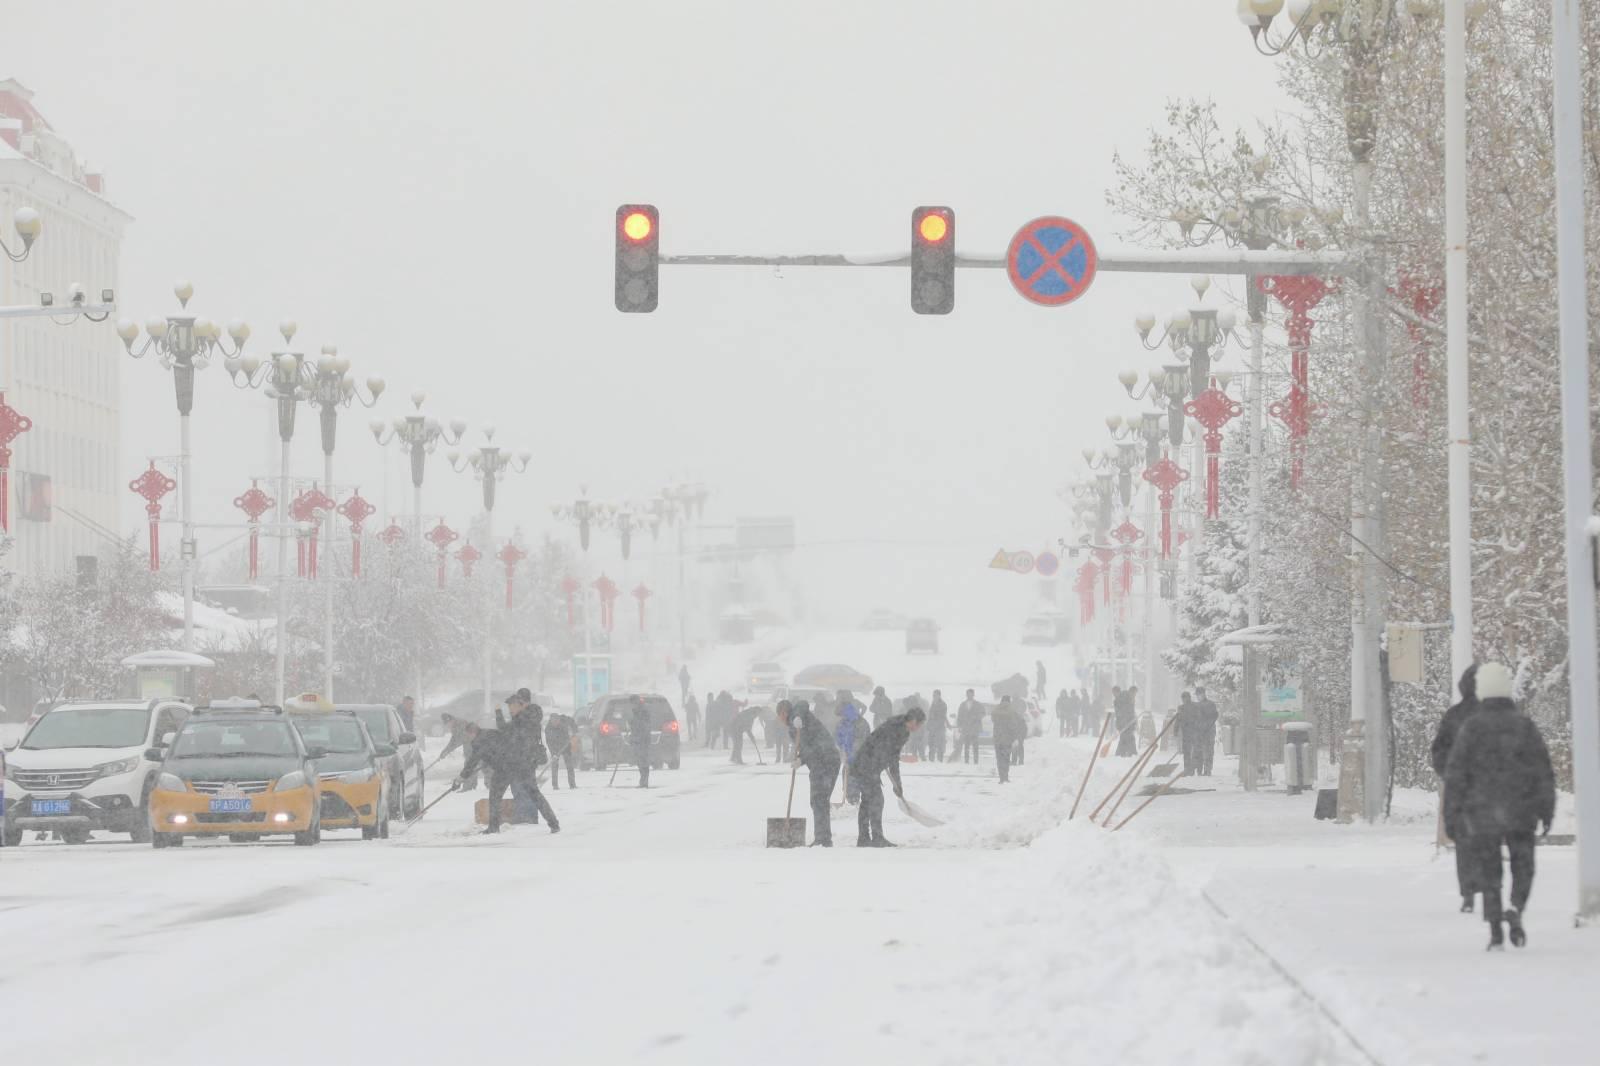 10月27日,黑龍江漠河市民在清理冰雪路面。(中新社)